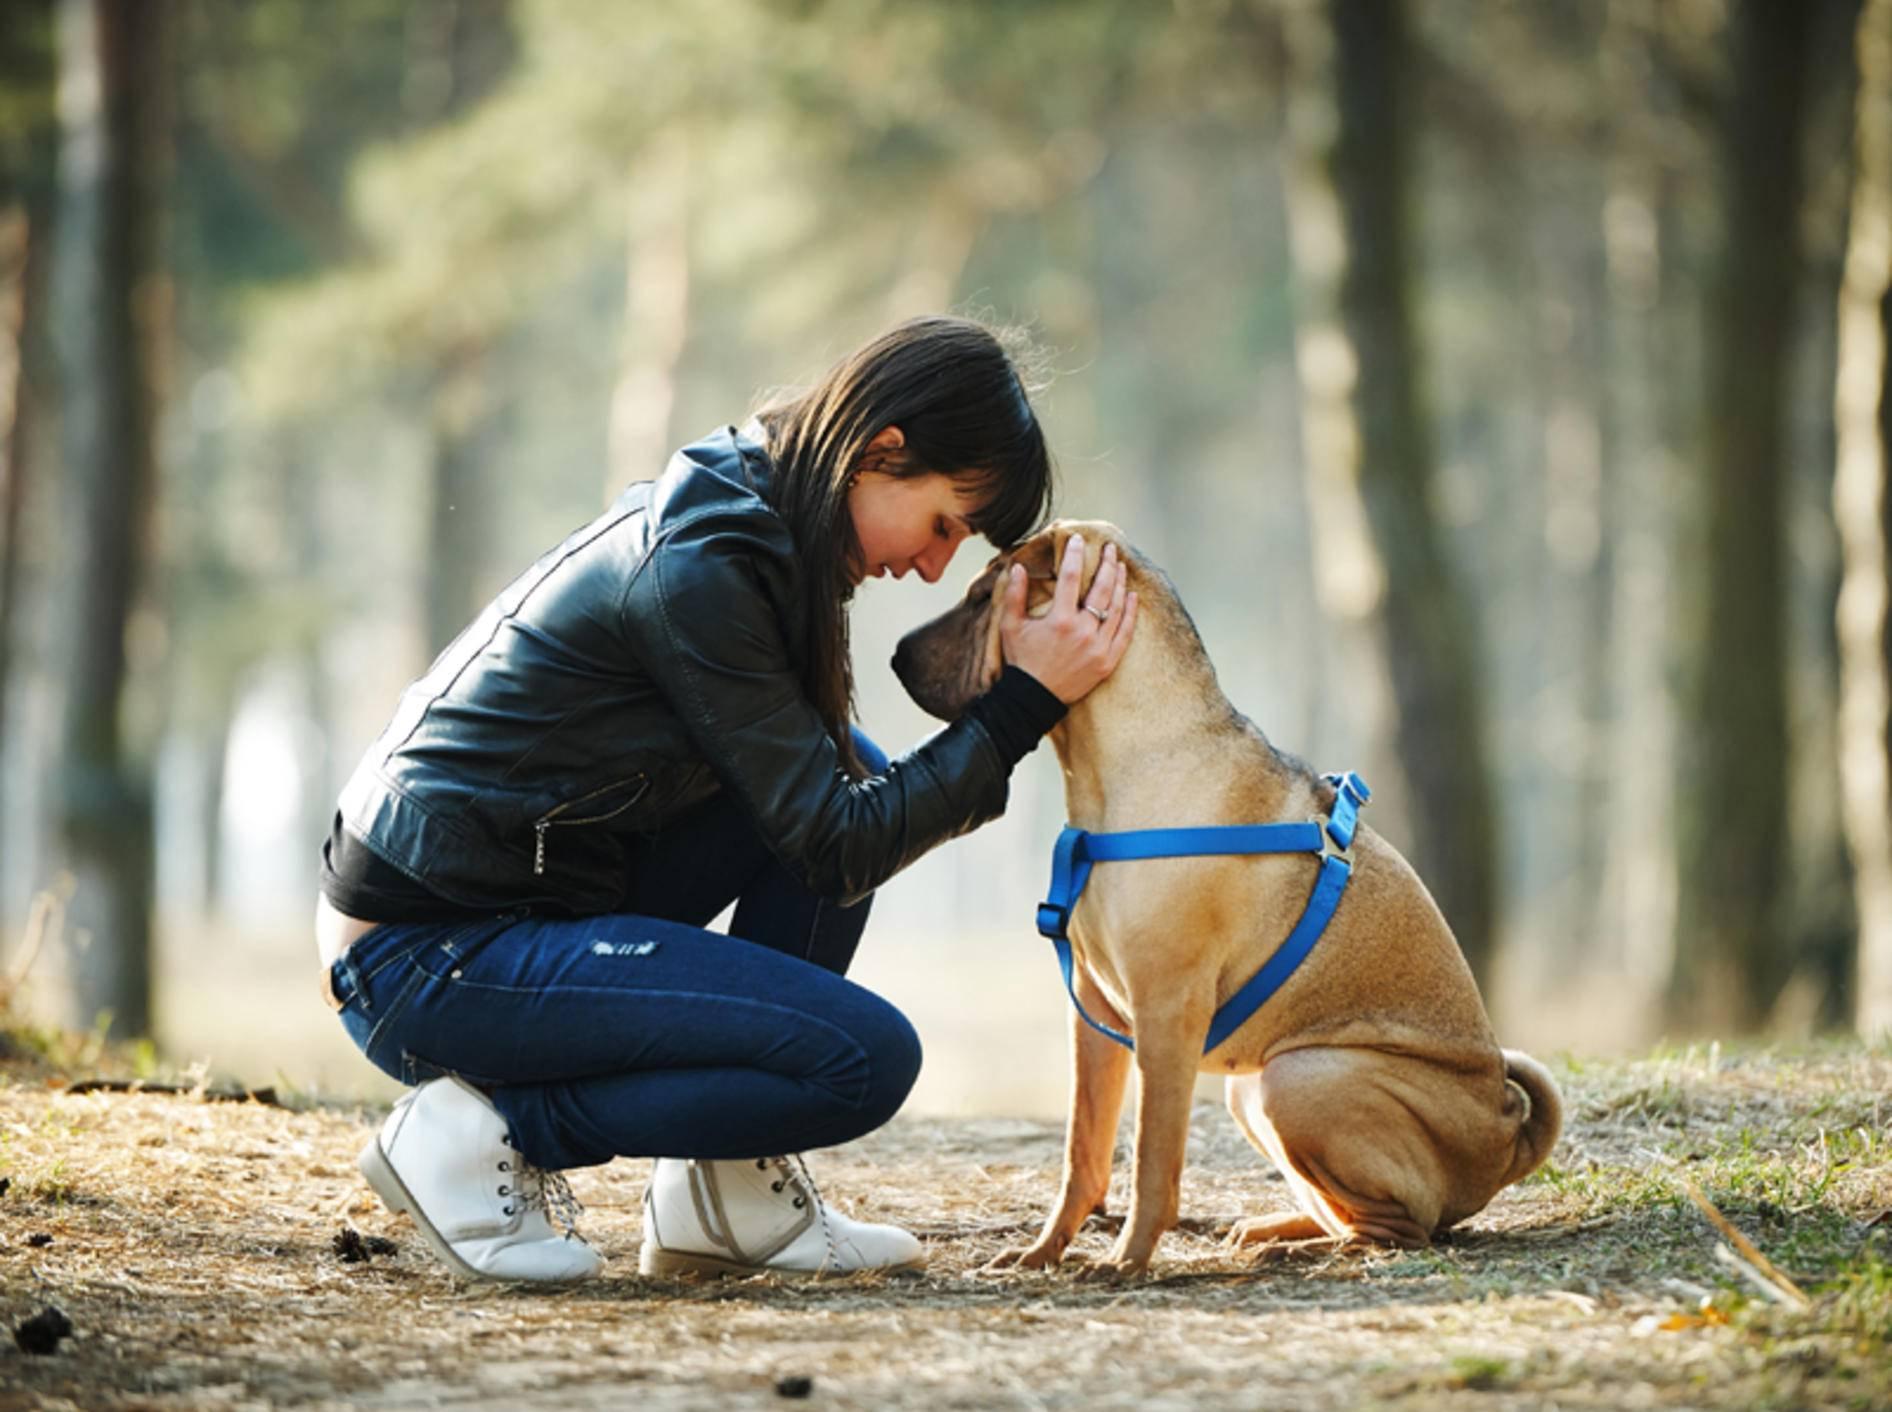 """""""Wir zwei sind ein tolles Team"""": Der Hund und sein Frauchen haben eine enge Bindung zueinander – Shutterstock / AlohaHawaii"""